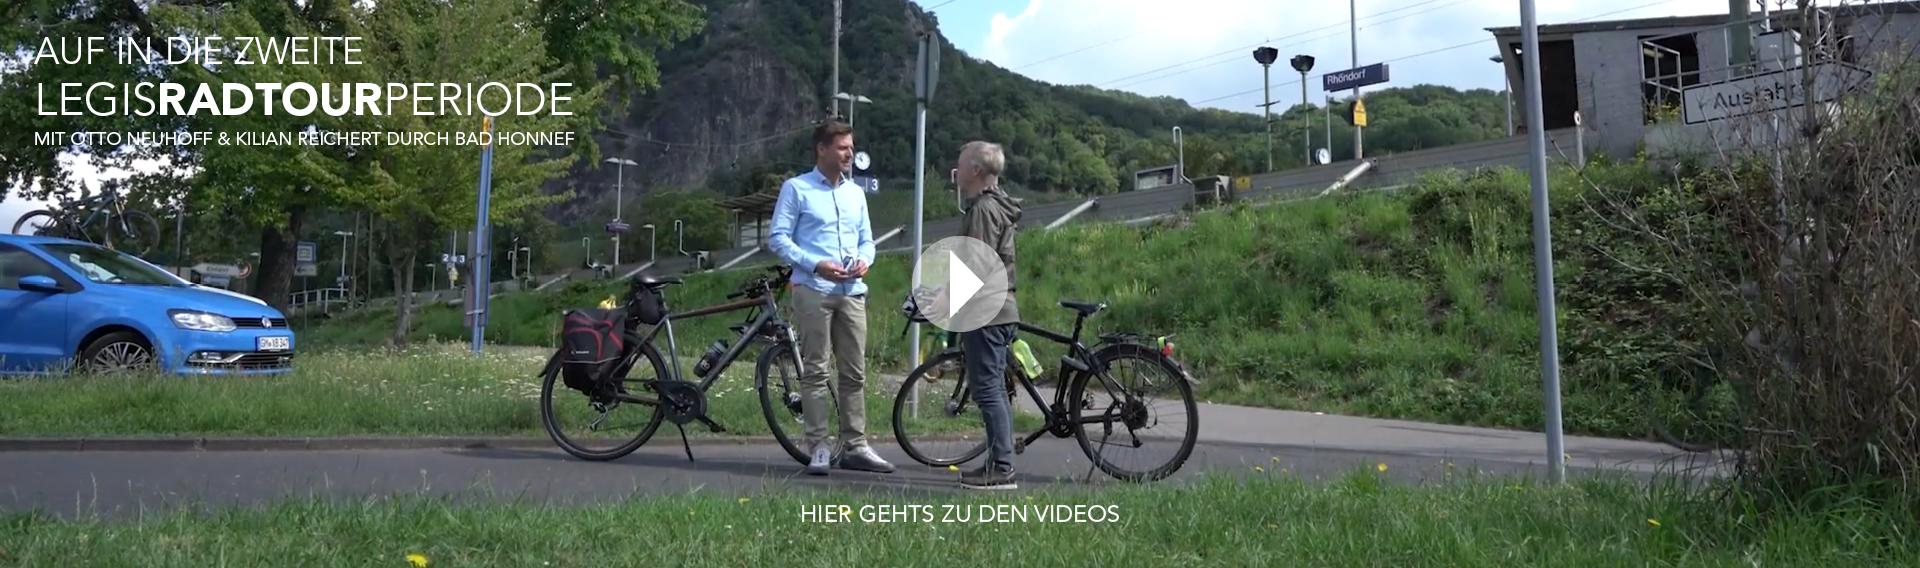 ON_Header_Startseite_Video-2